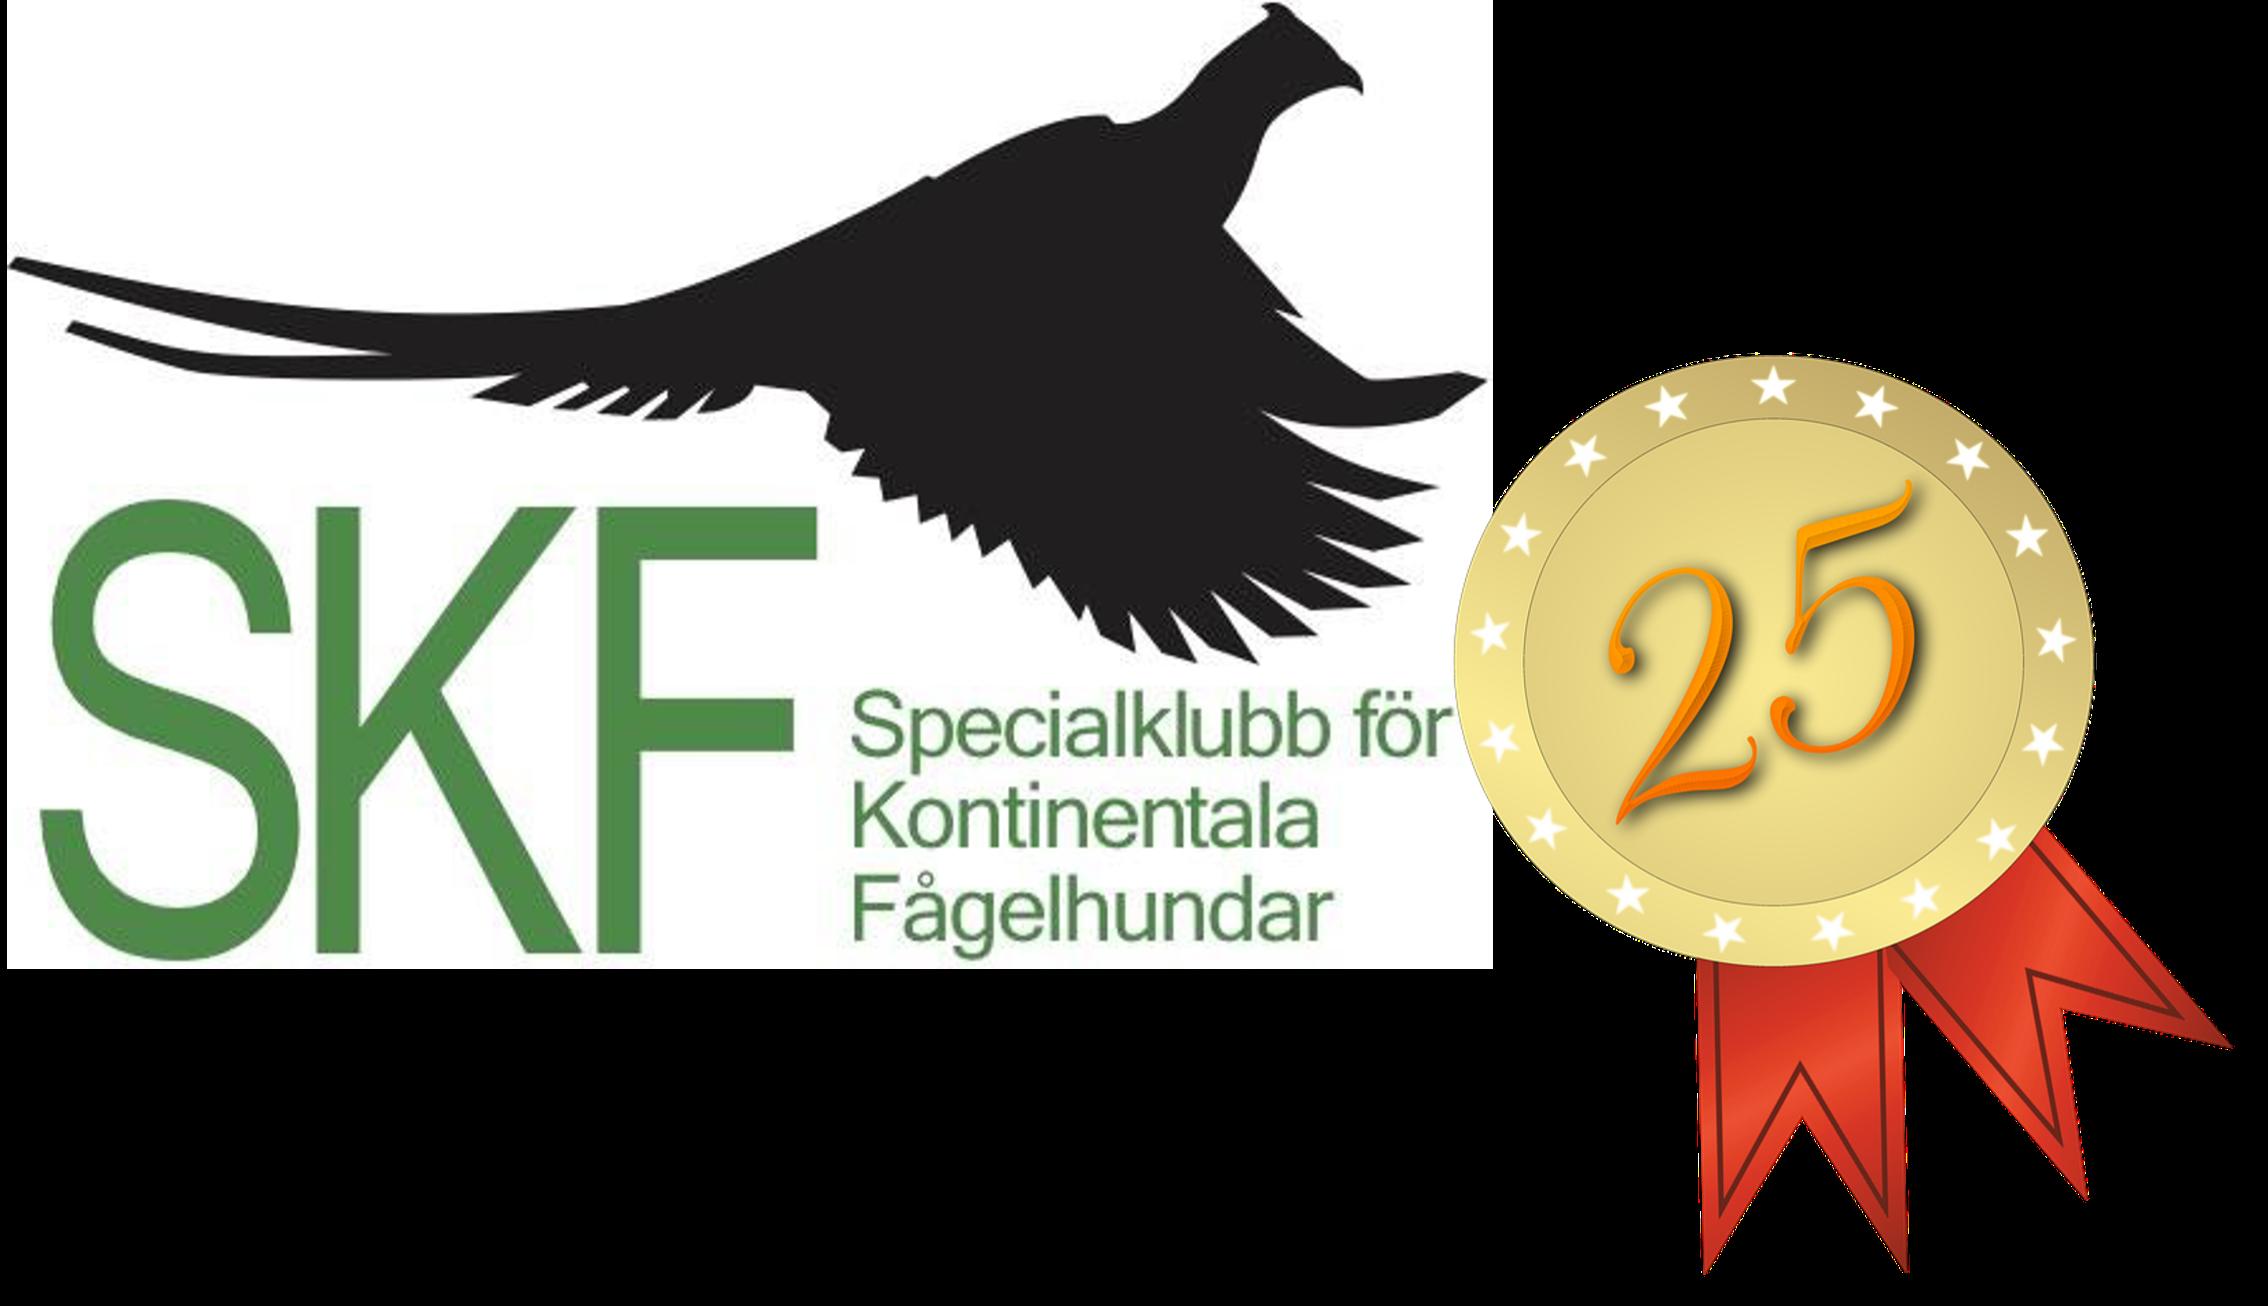 25-års Jubileum För SKF. Utställning Och Jaktprov